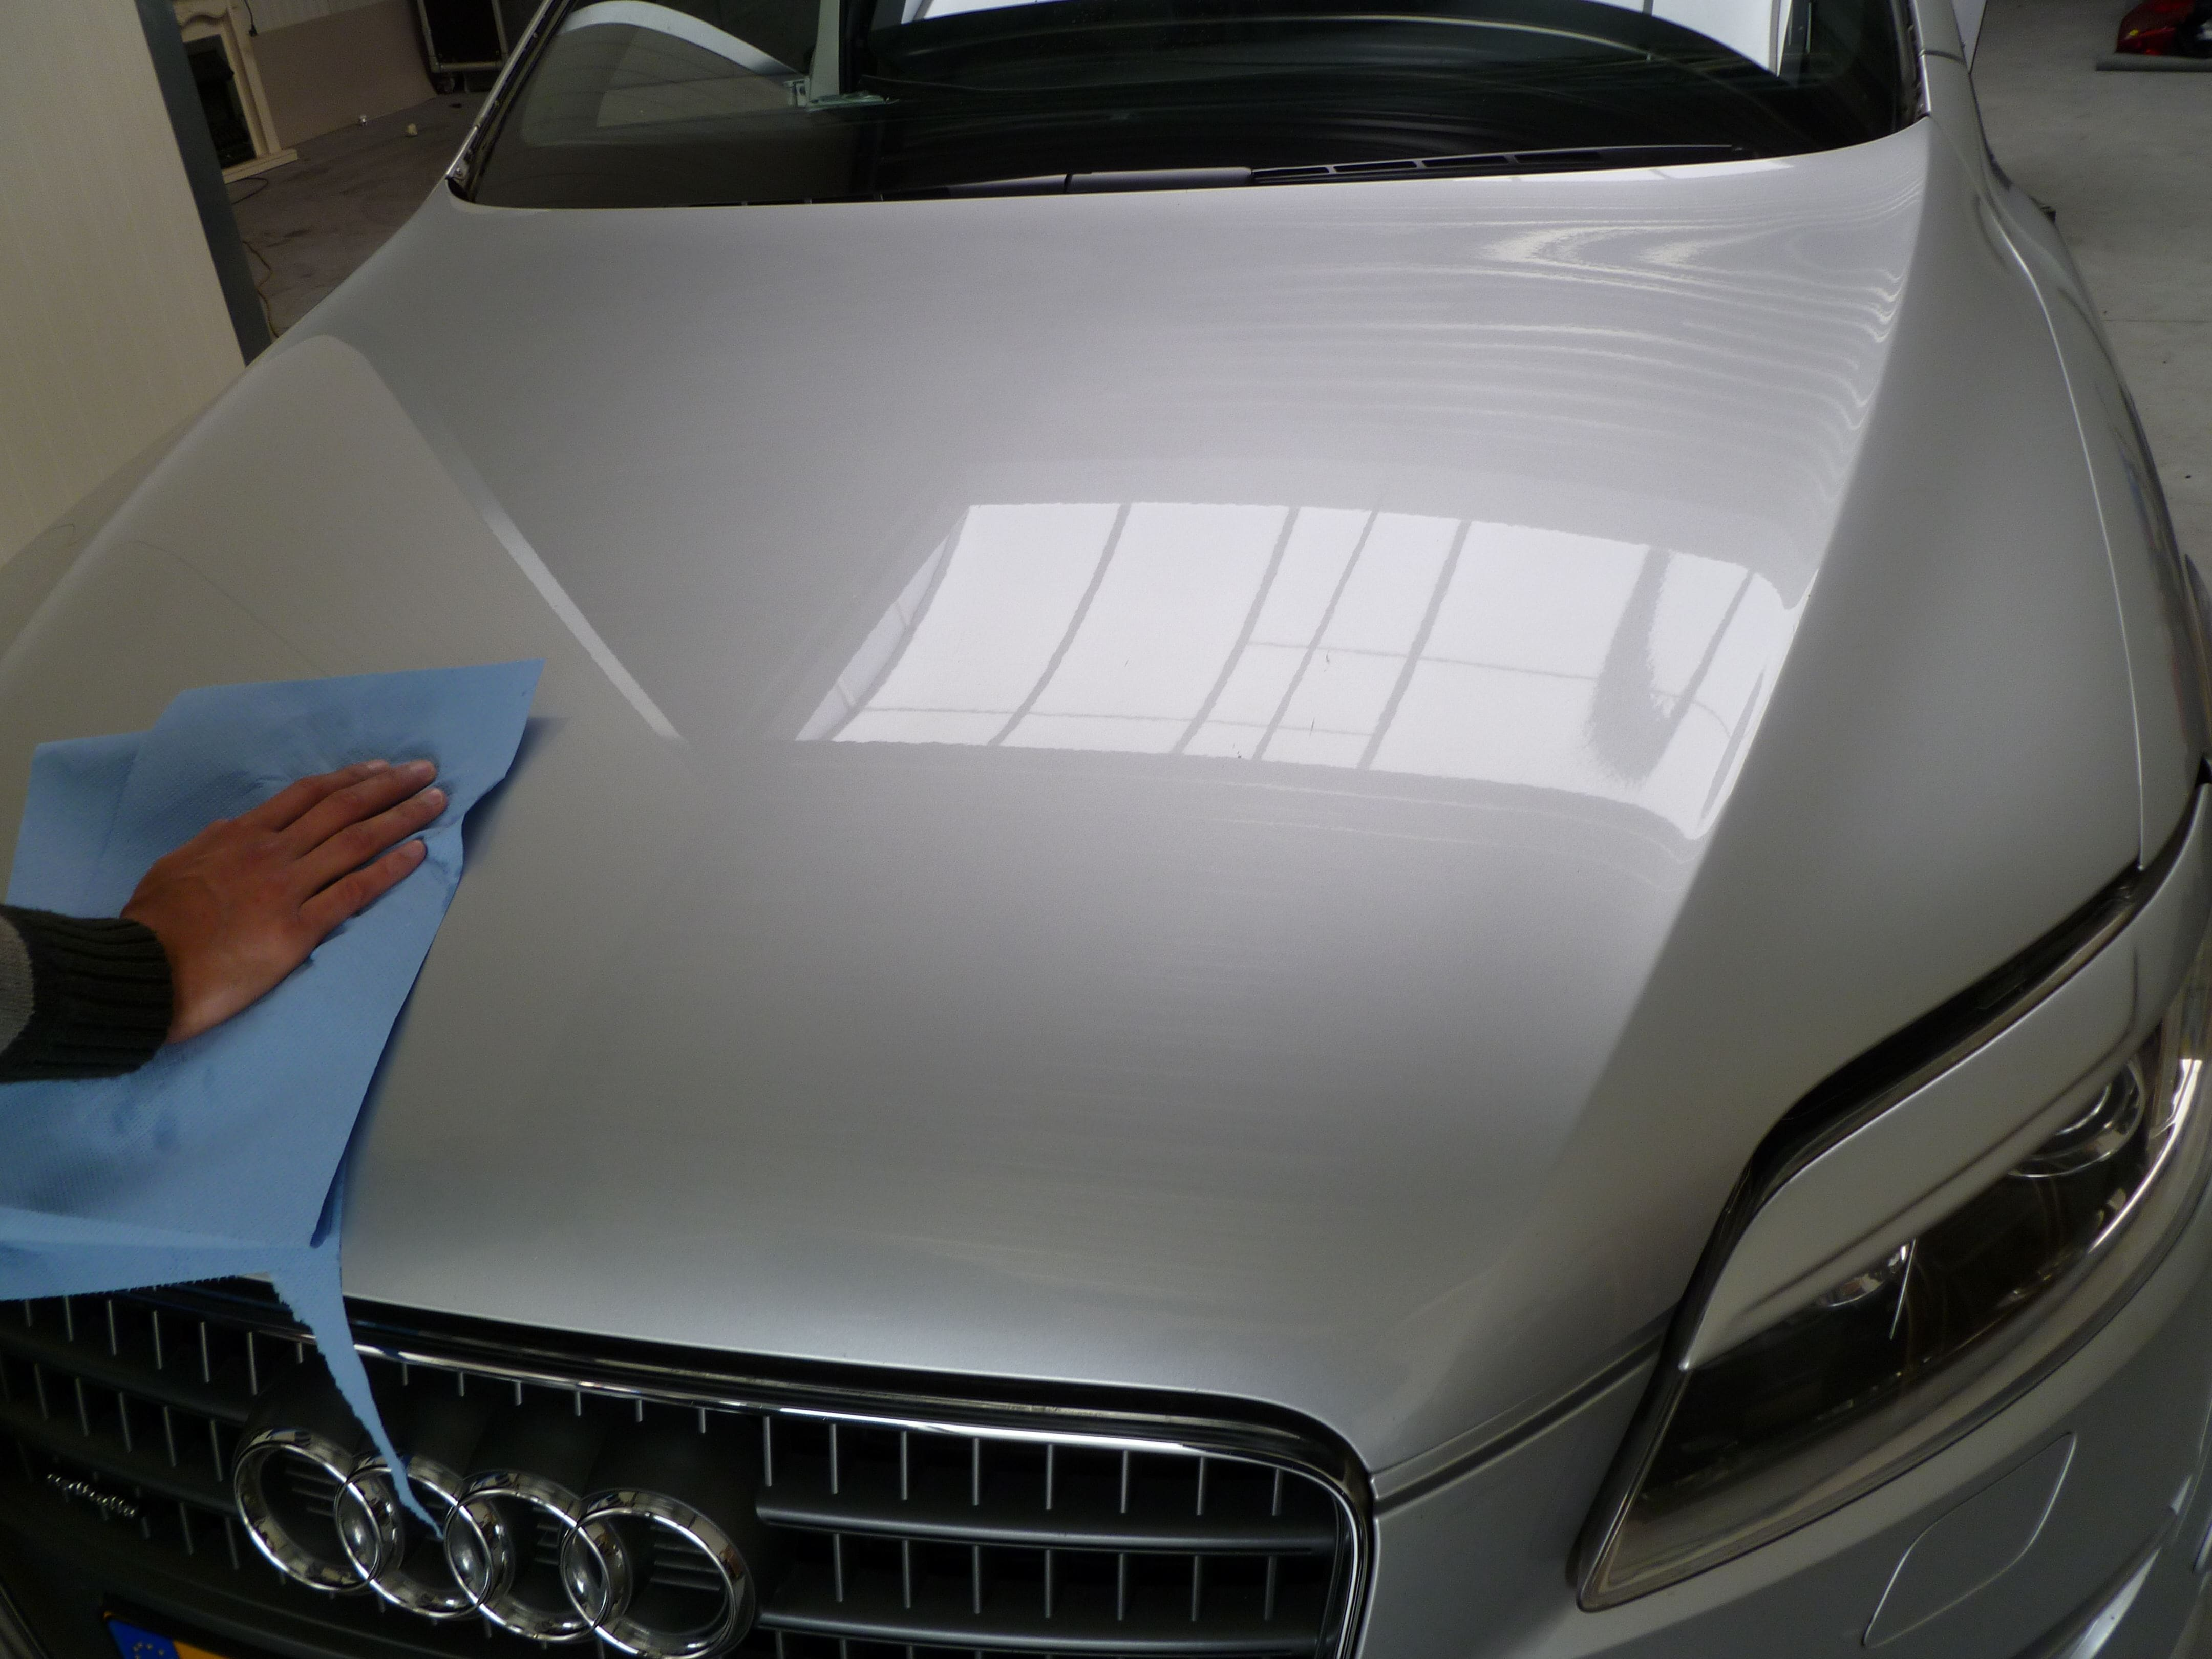 Audi Q7 met Mat Witte Wrap, Carwrapping door Wrapmyride.nu Foto-nr:4962, ©2021